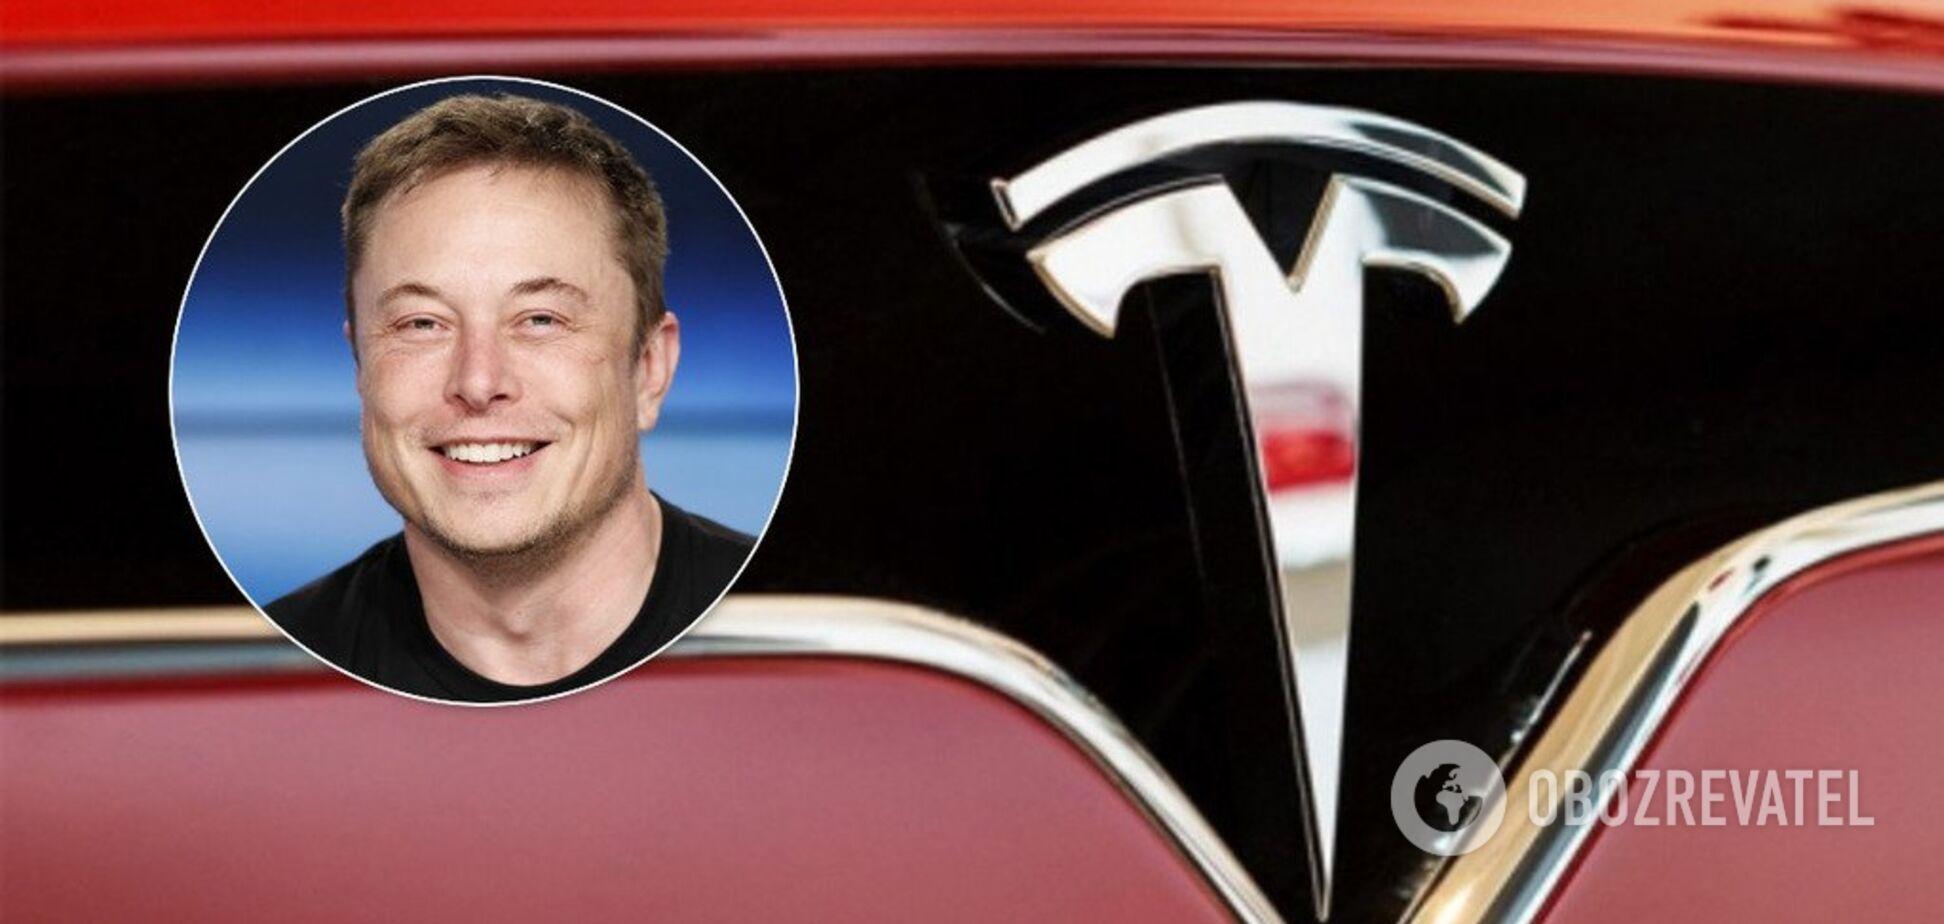 Еще одно преимущество для владельцев Tesla - Илон Маск рассказал о новой возможности